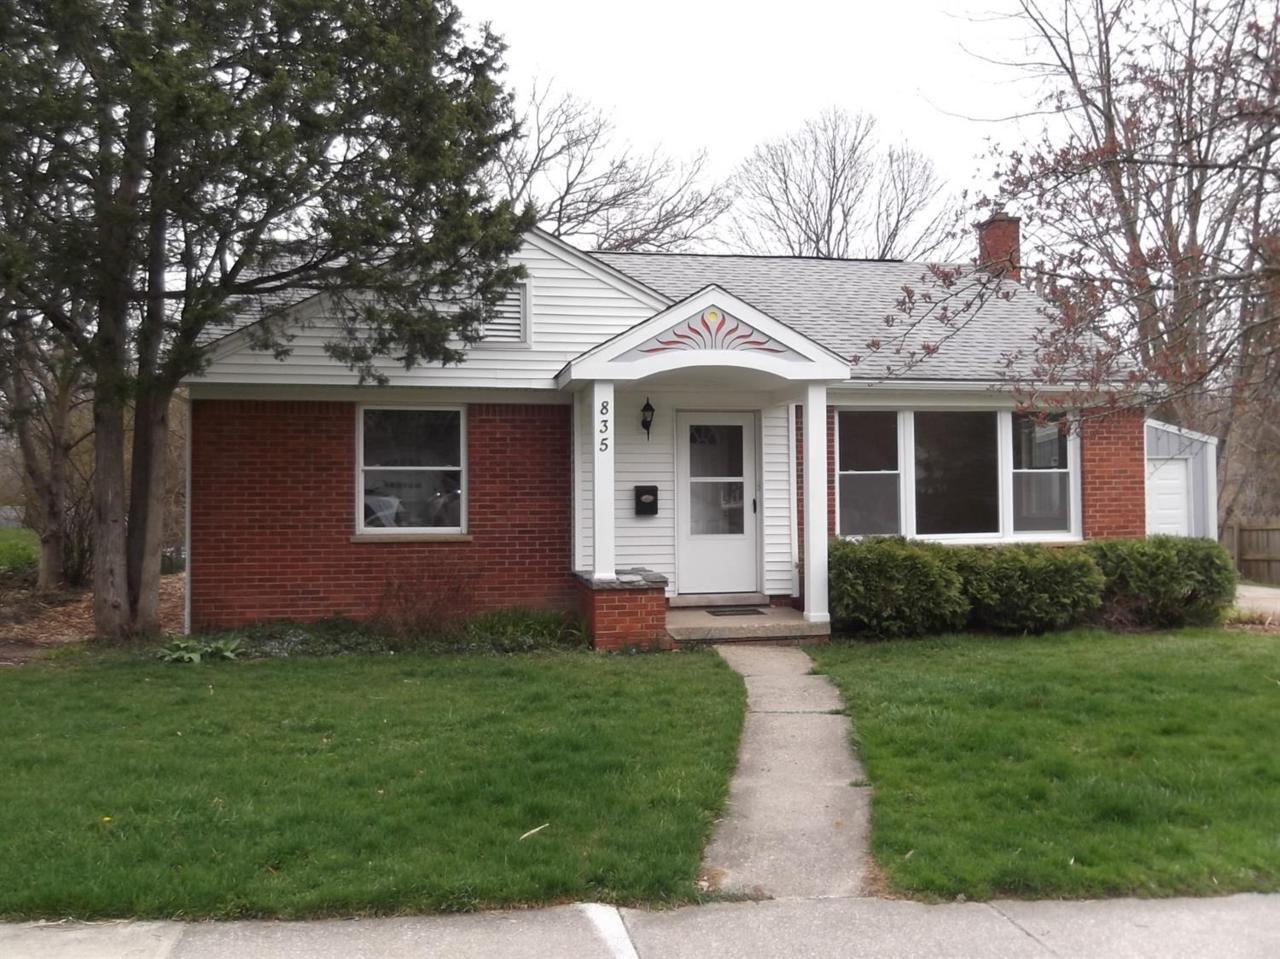 835 Redeemer Avenue, Ann Arbor, MI 48103 (MLS #3247977) :: The Toth Team